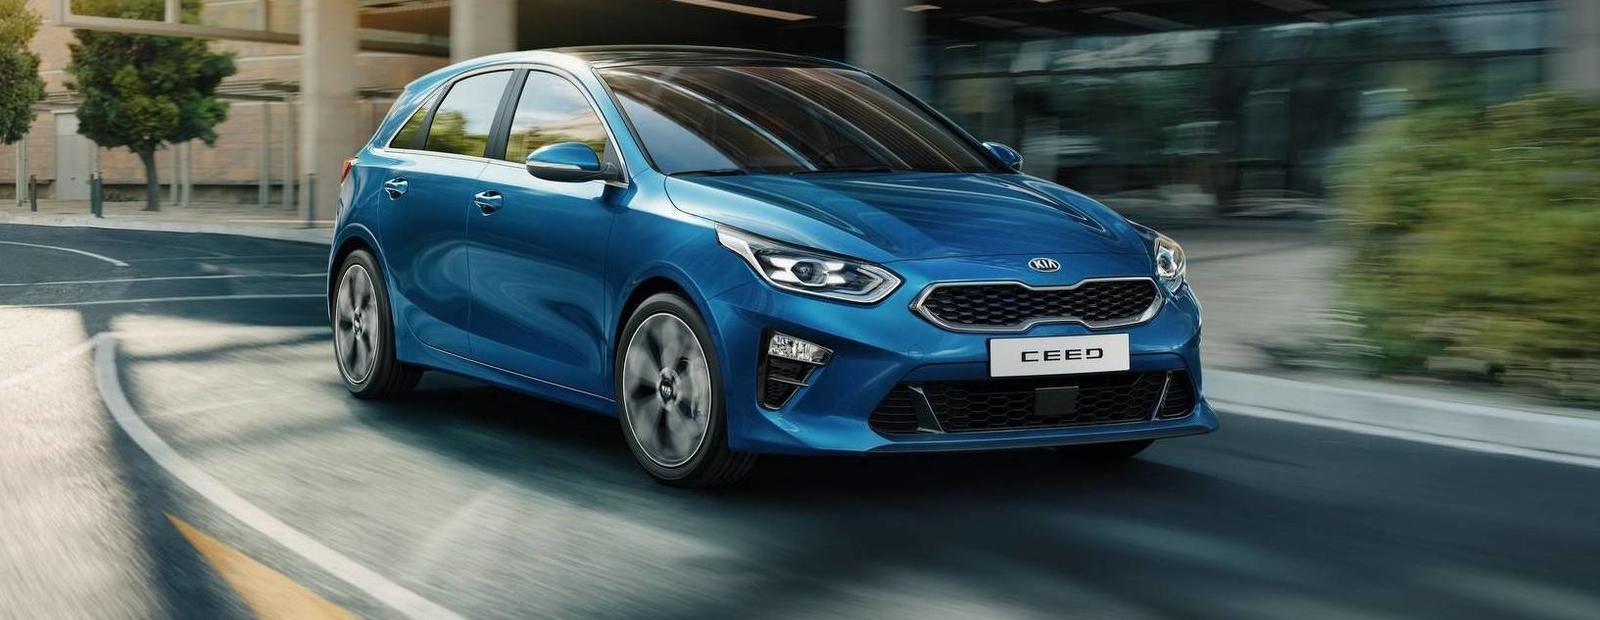 Официально представлено новое поколение Kia Ceed